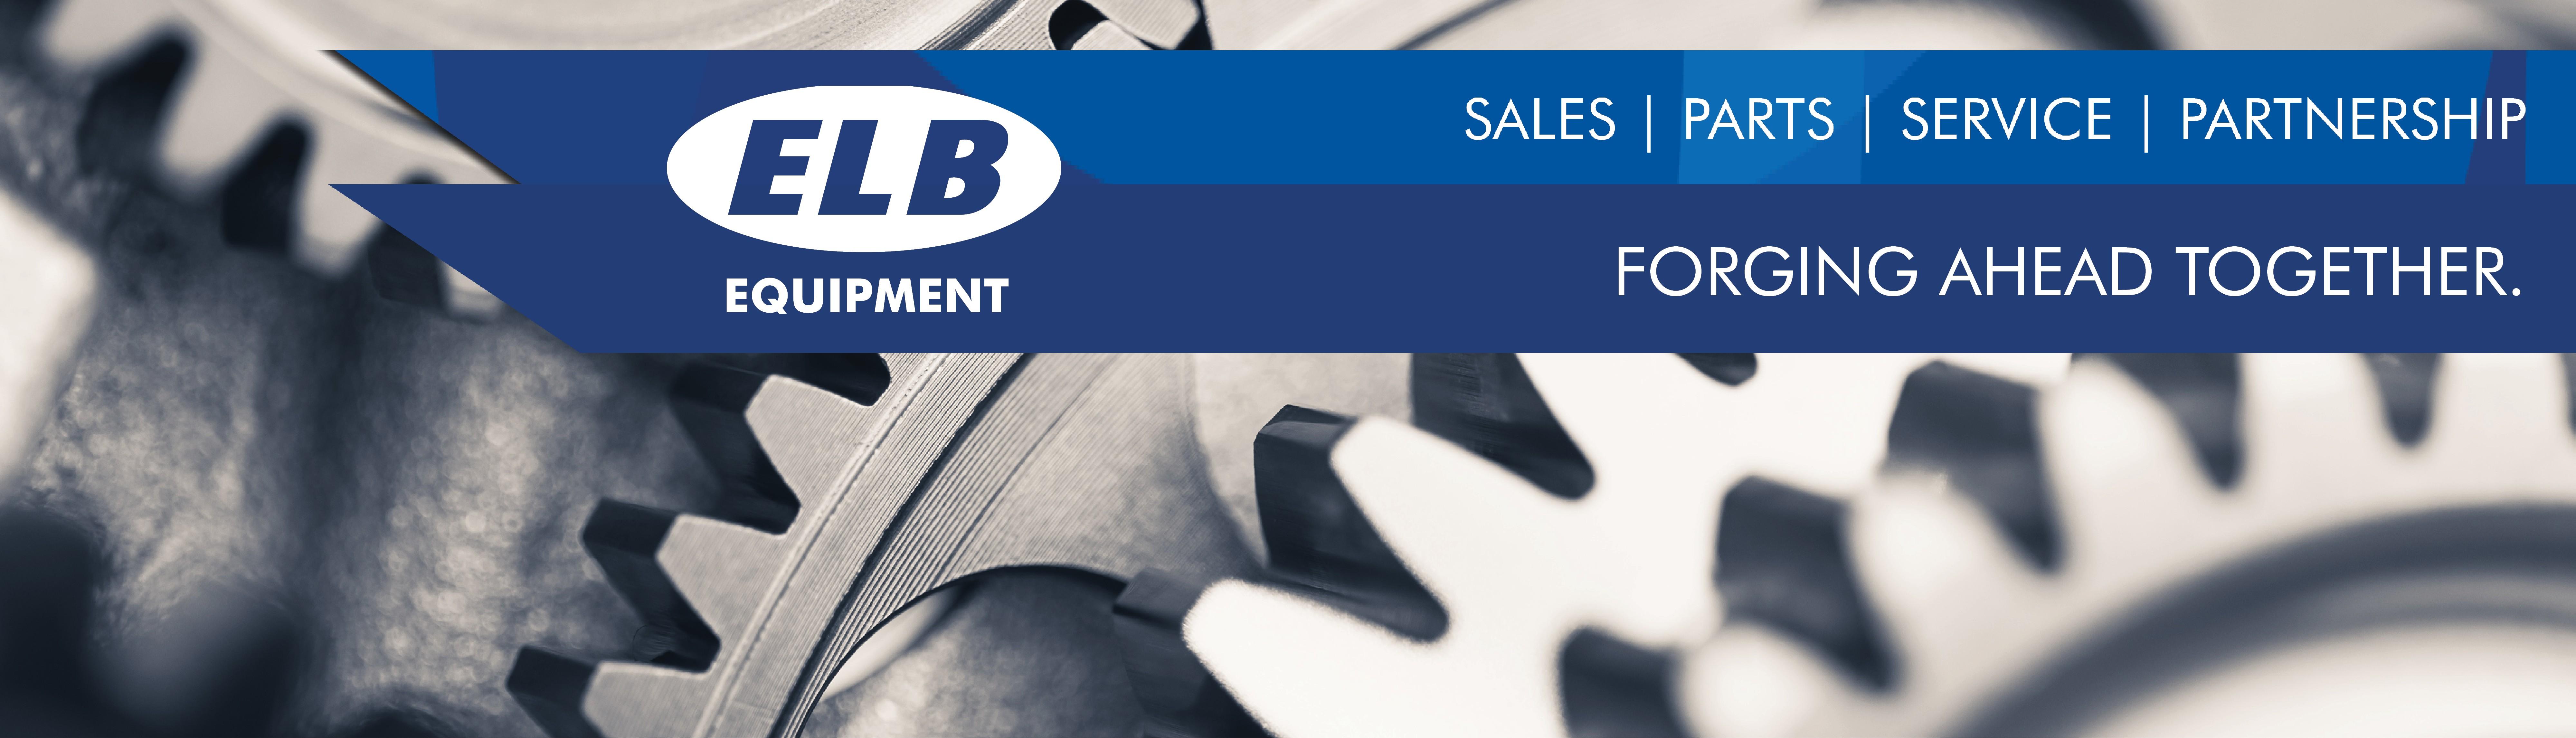 ELB Equipment AUS & NZ | LinkedIn